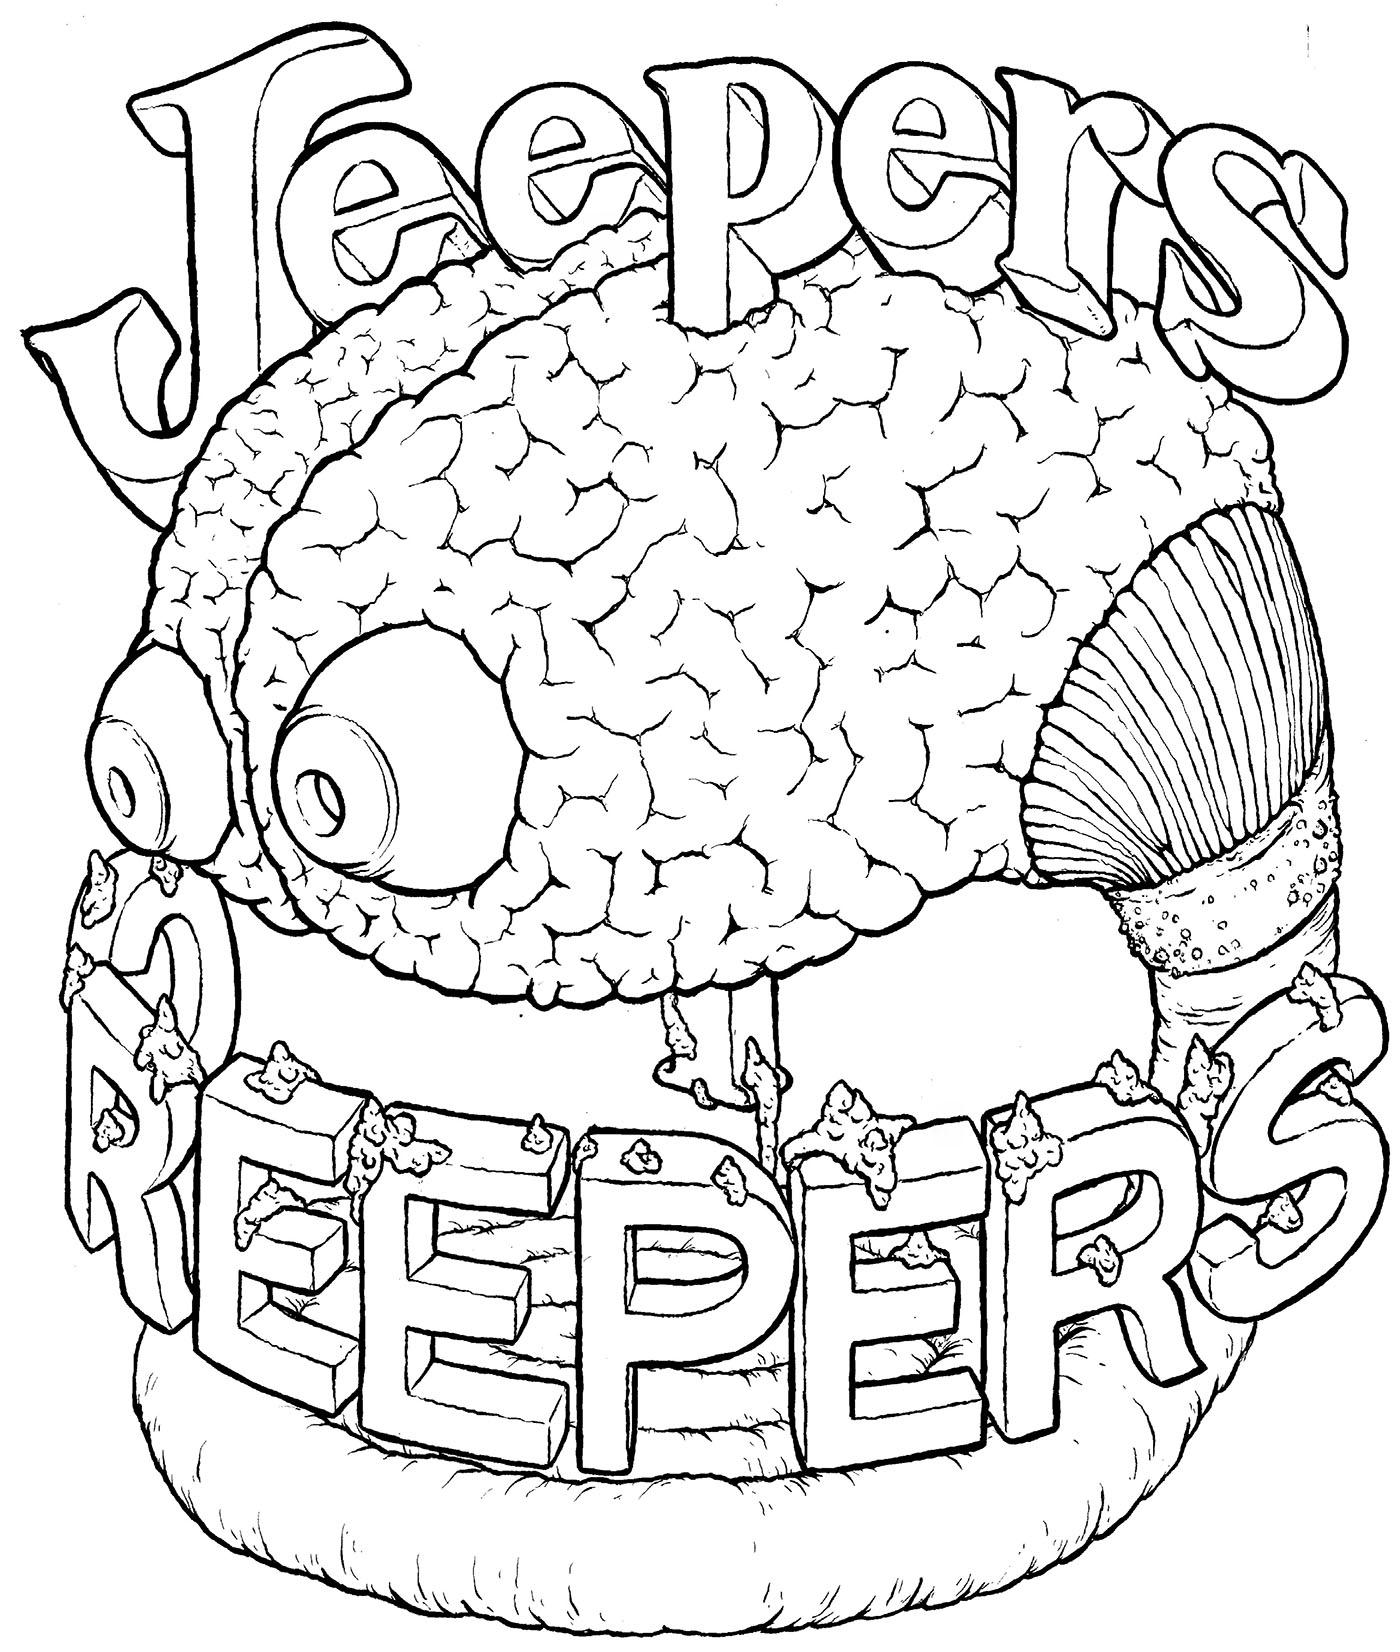 JC-Peepers-ink_web.jpg